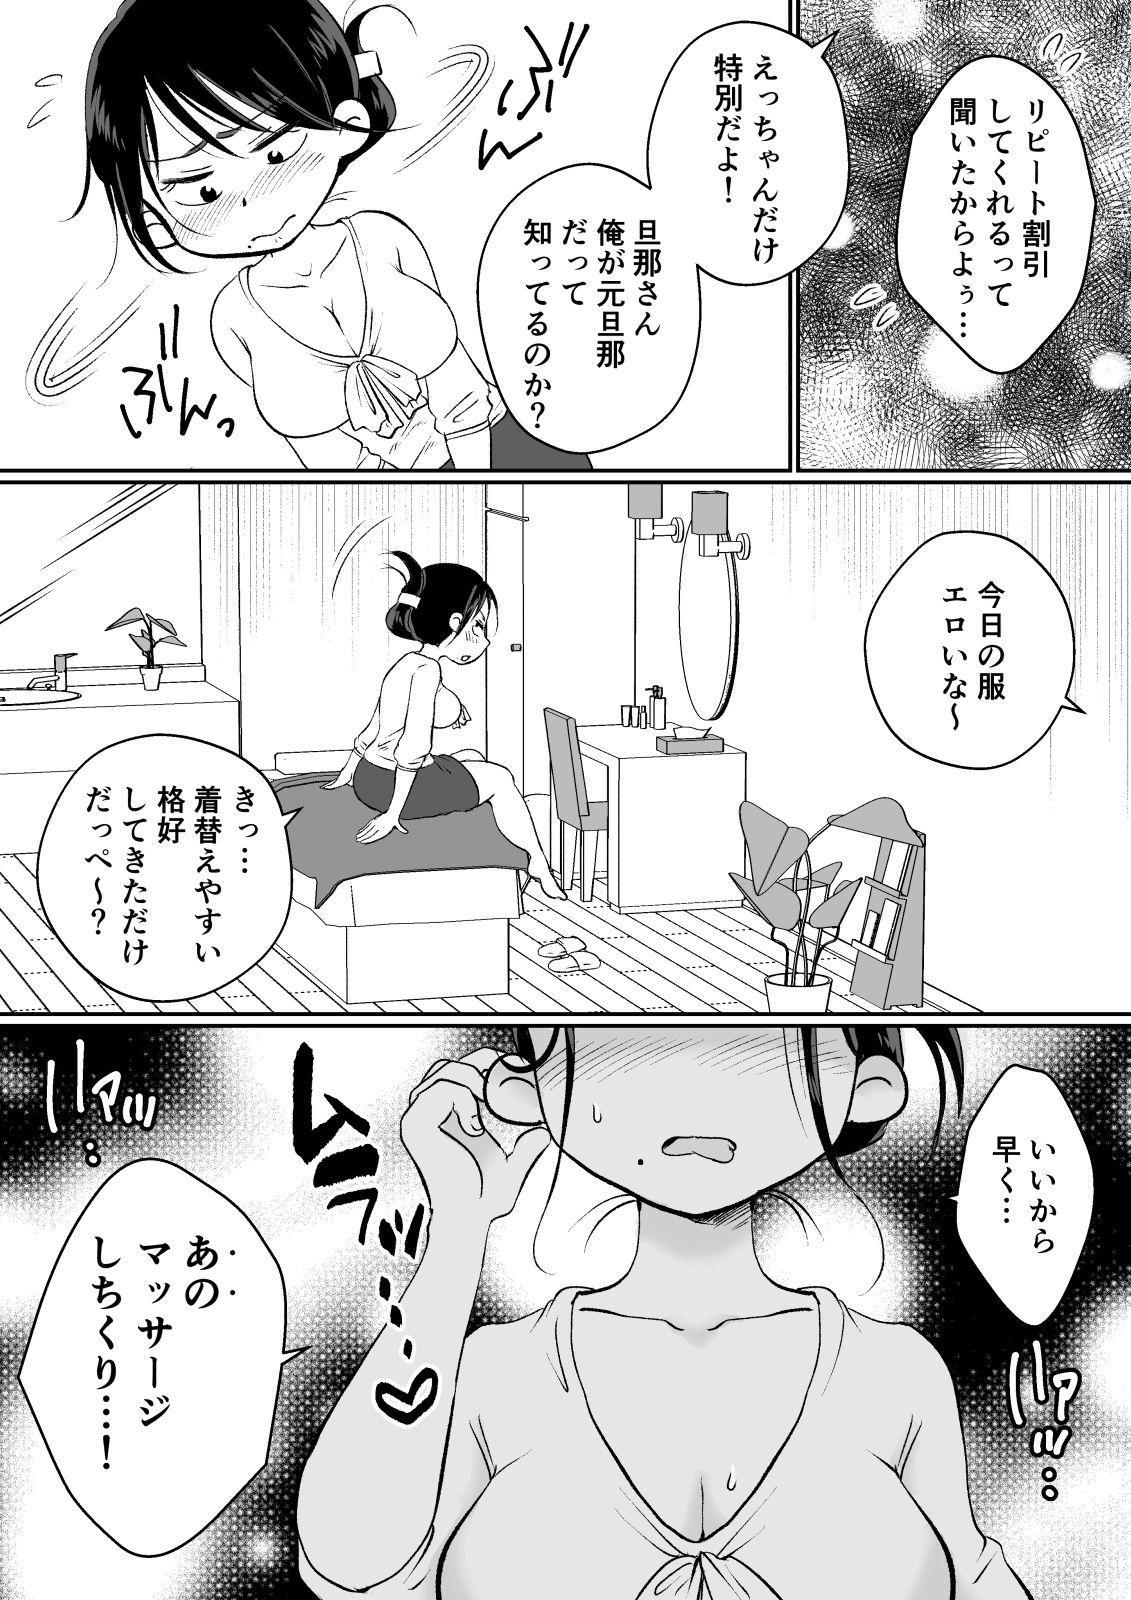 Batsuichi Hitozuma, Moto Danna no Ero Massage ni Ochiru! 2